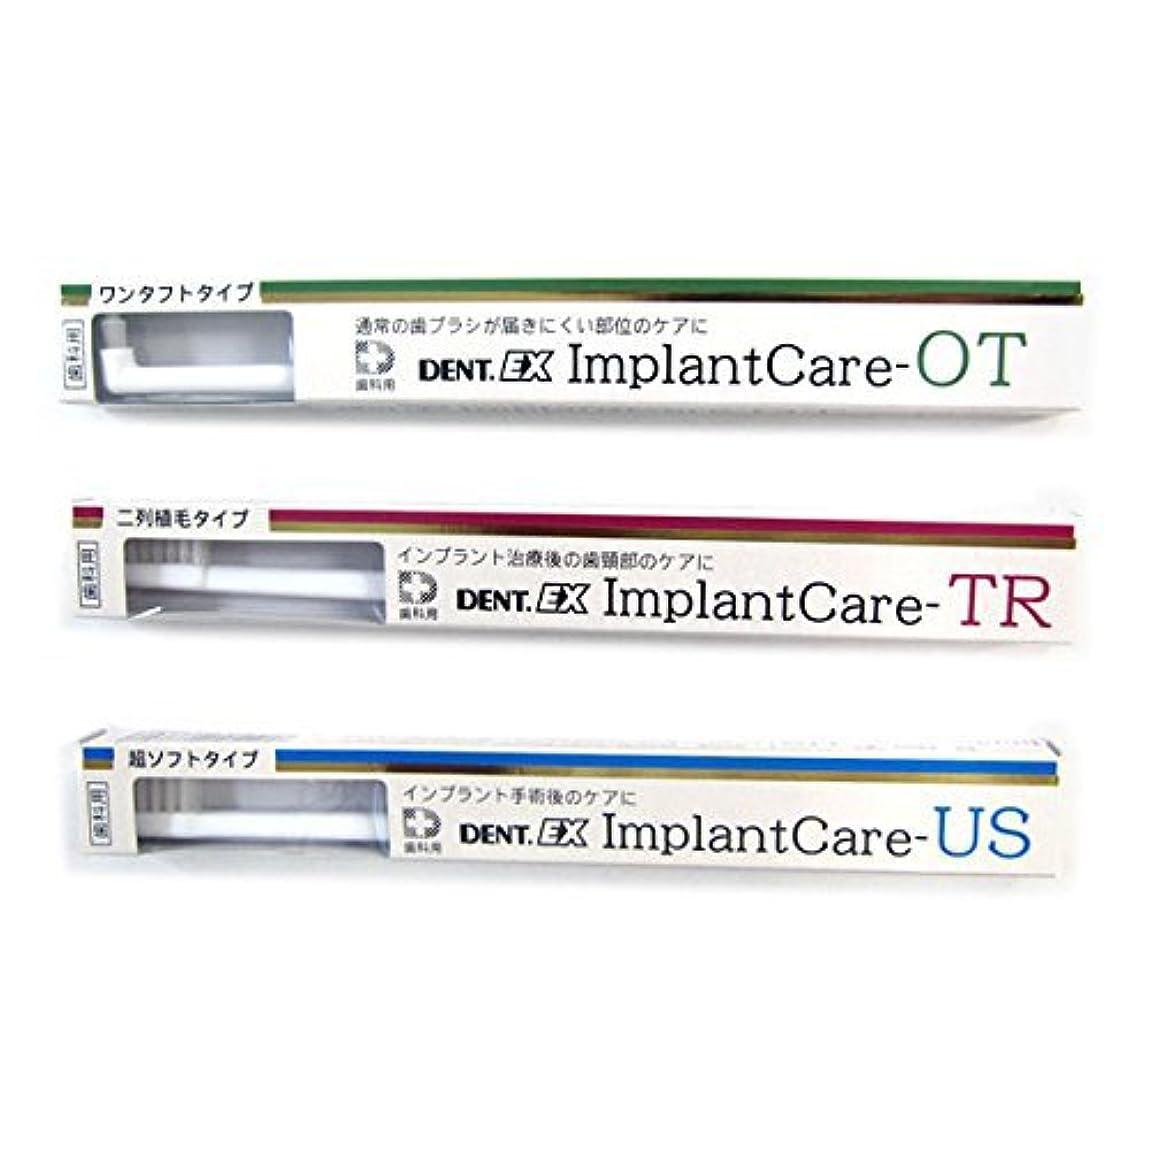 負グリット絵デント DENT EX ImplantCare インプラントケア 単品 OT(ワンタフト)